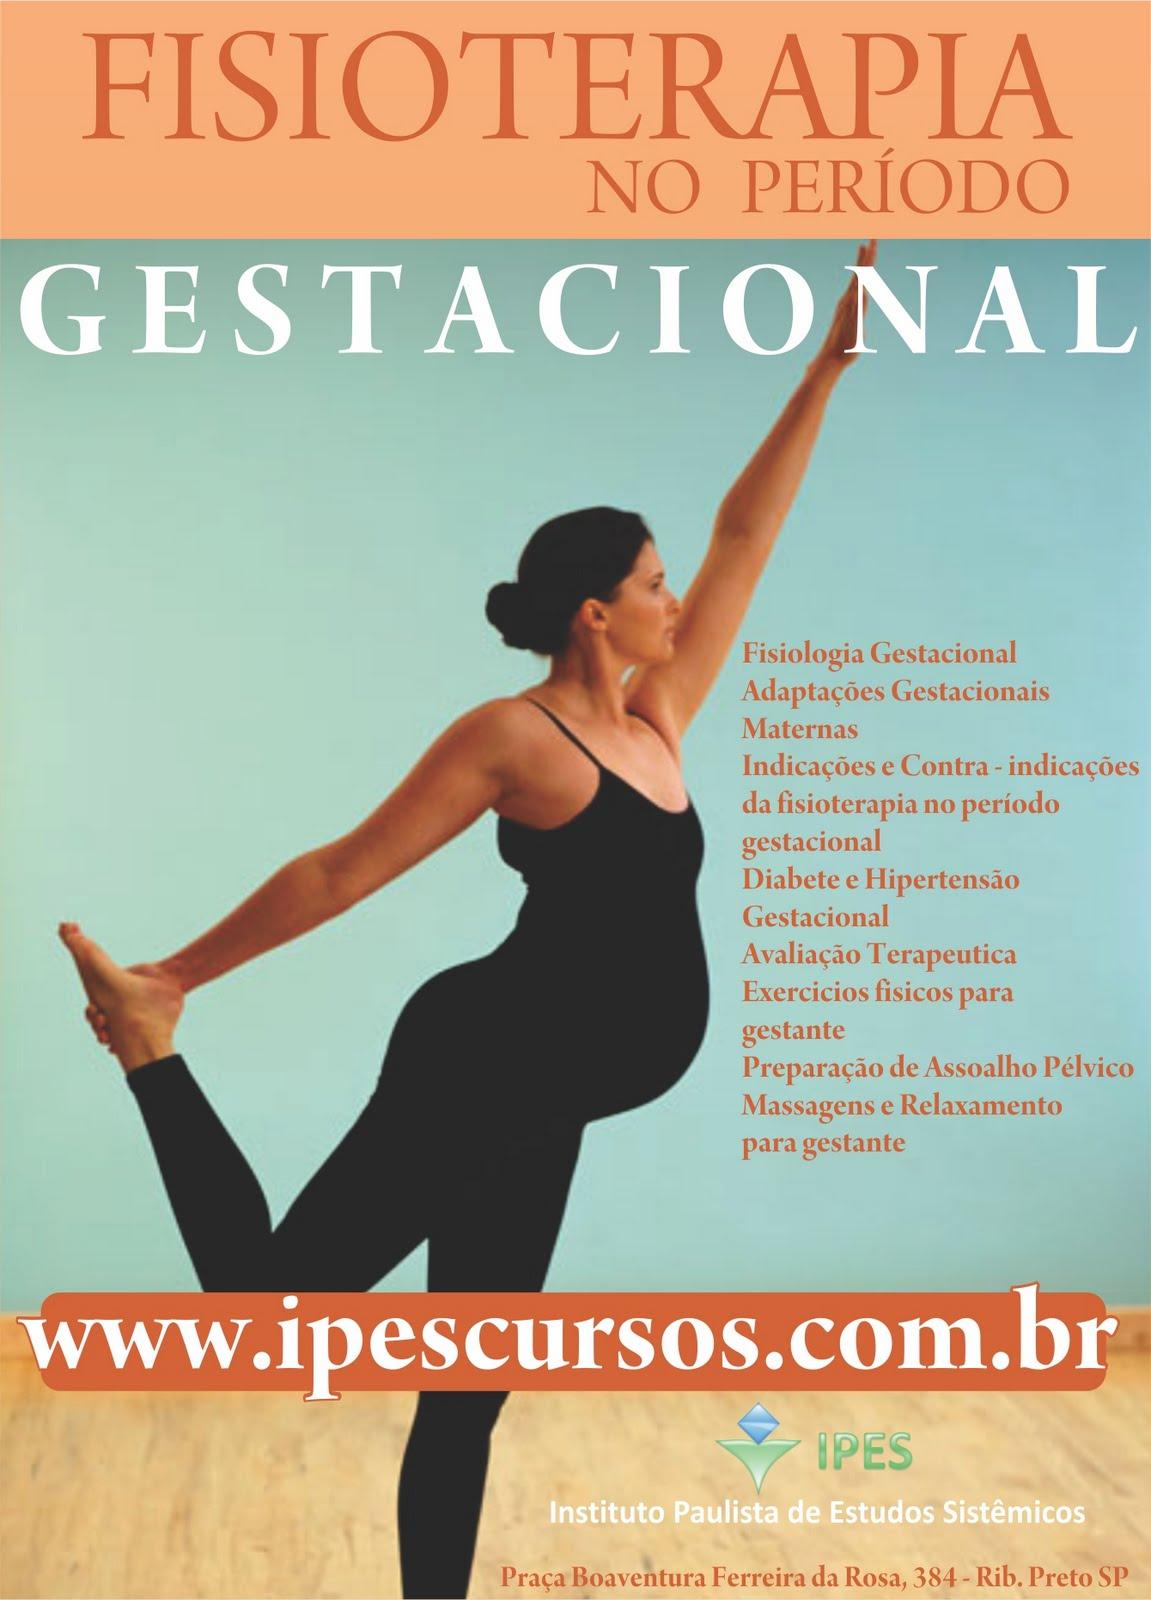 Fisioterapia na Gestação e Saúde da Mulher: Divulgação